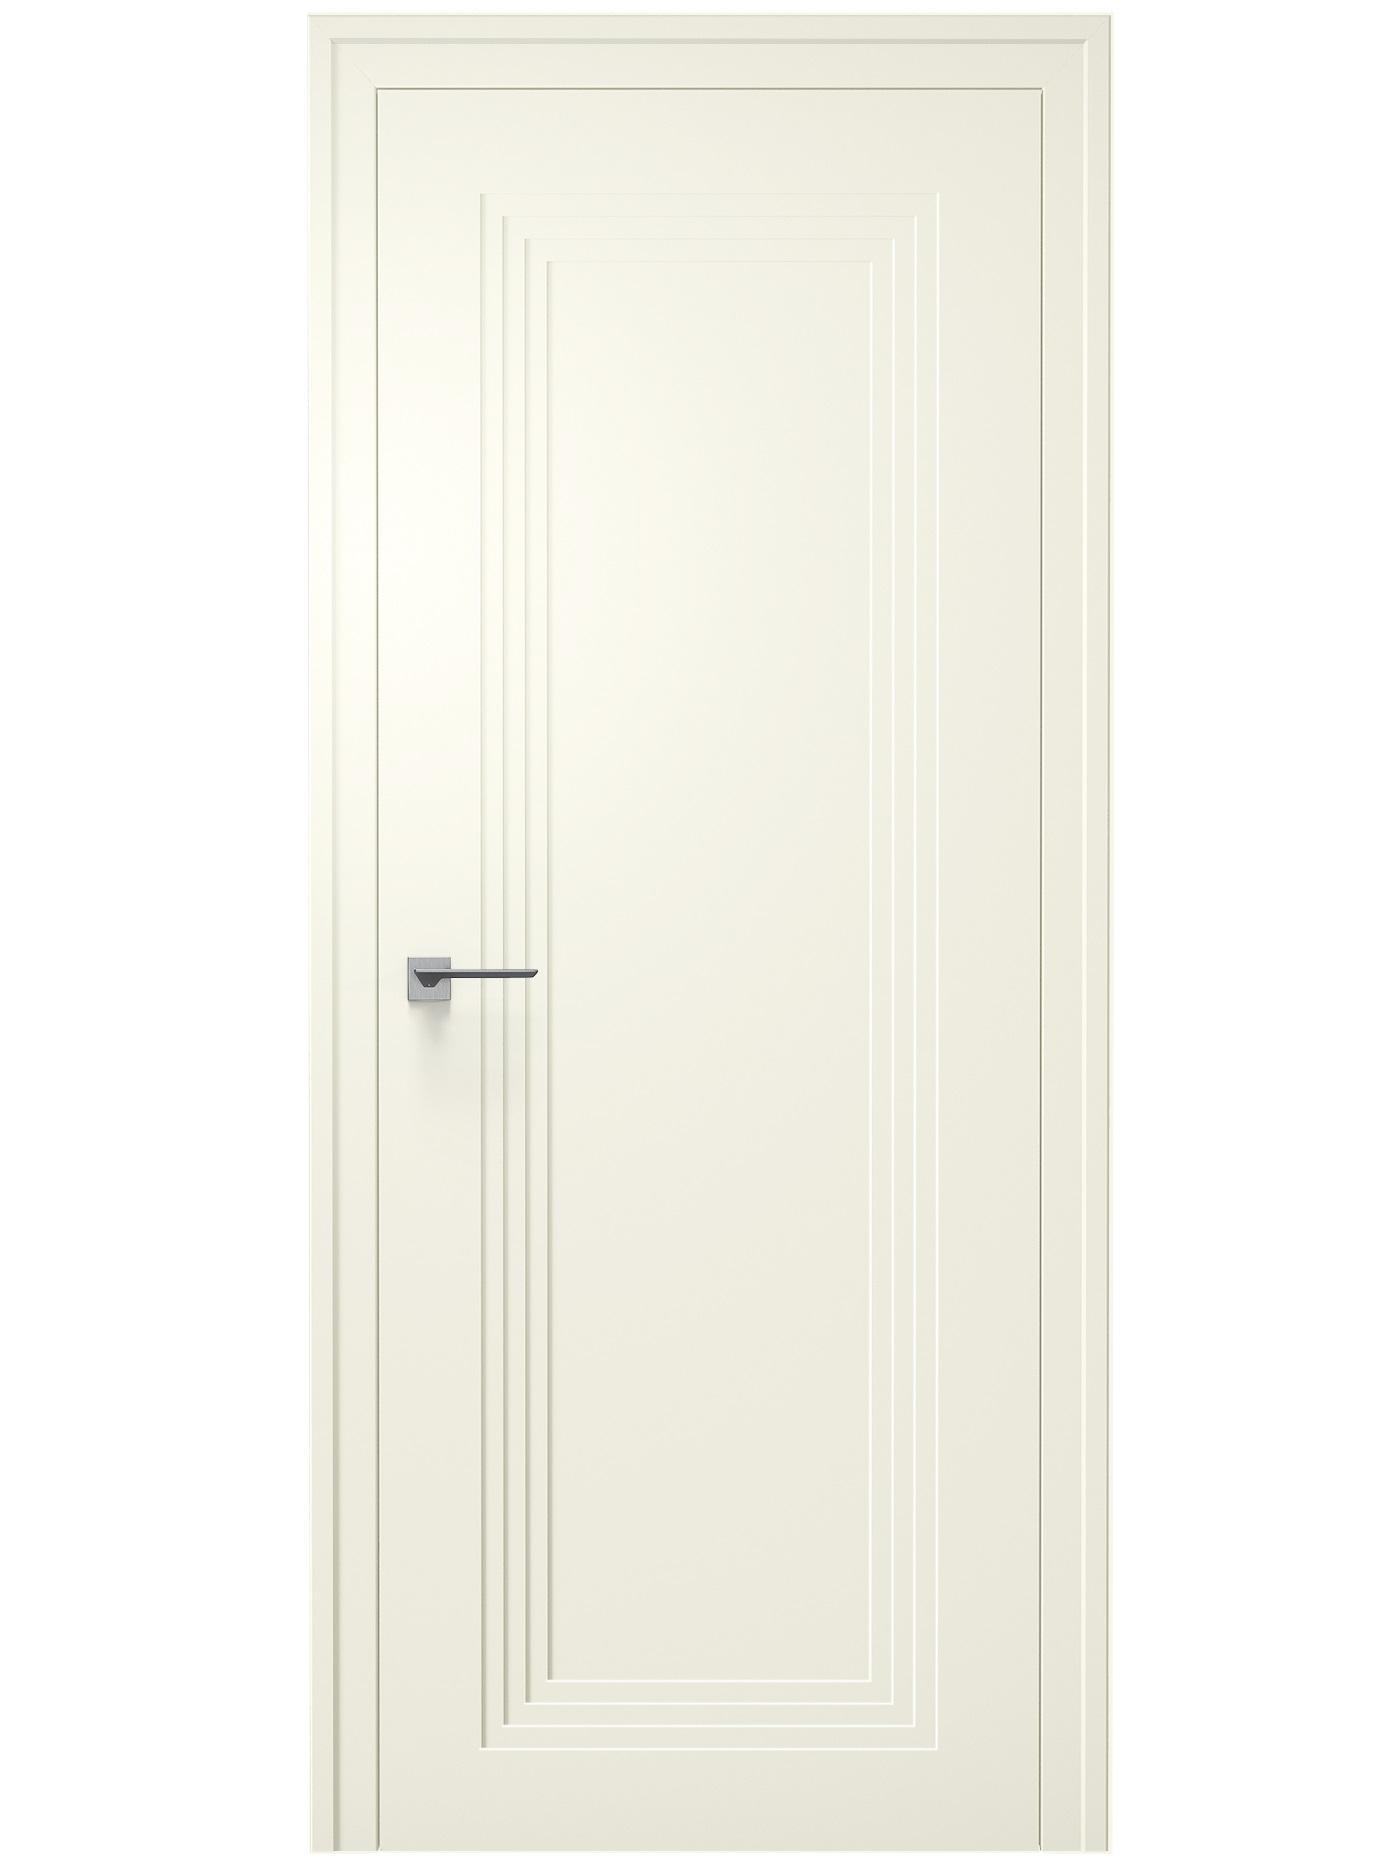 Image Complicada Interior Door Italian Enamel RAL7035 2